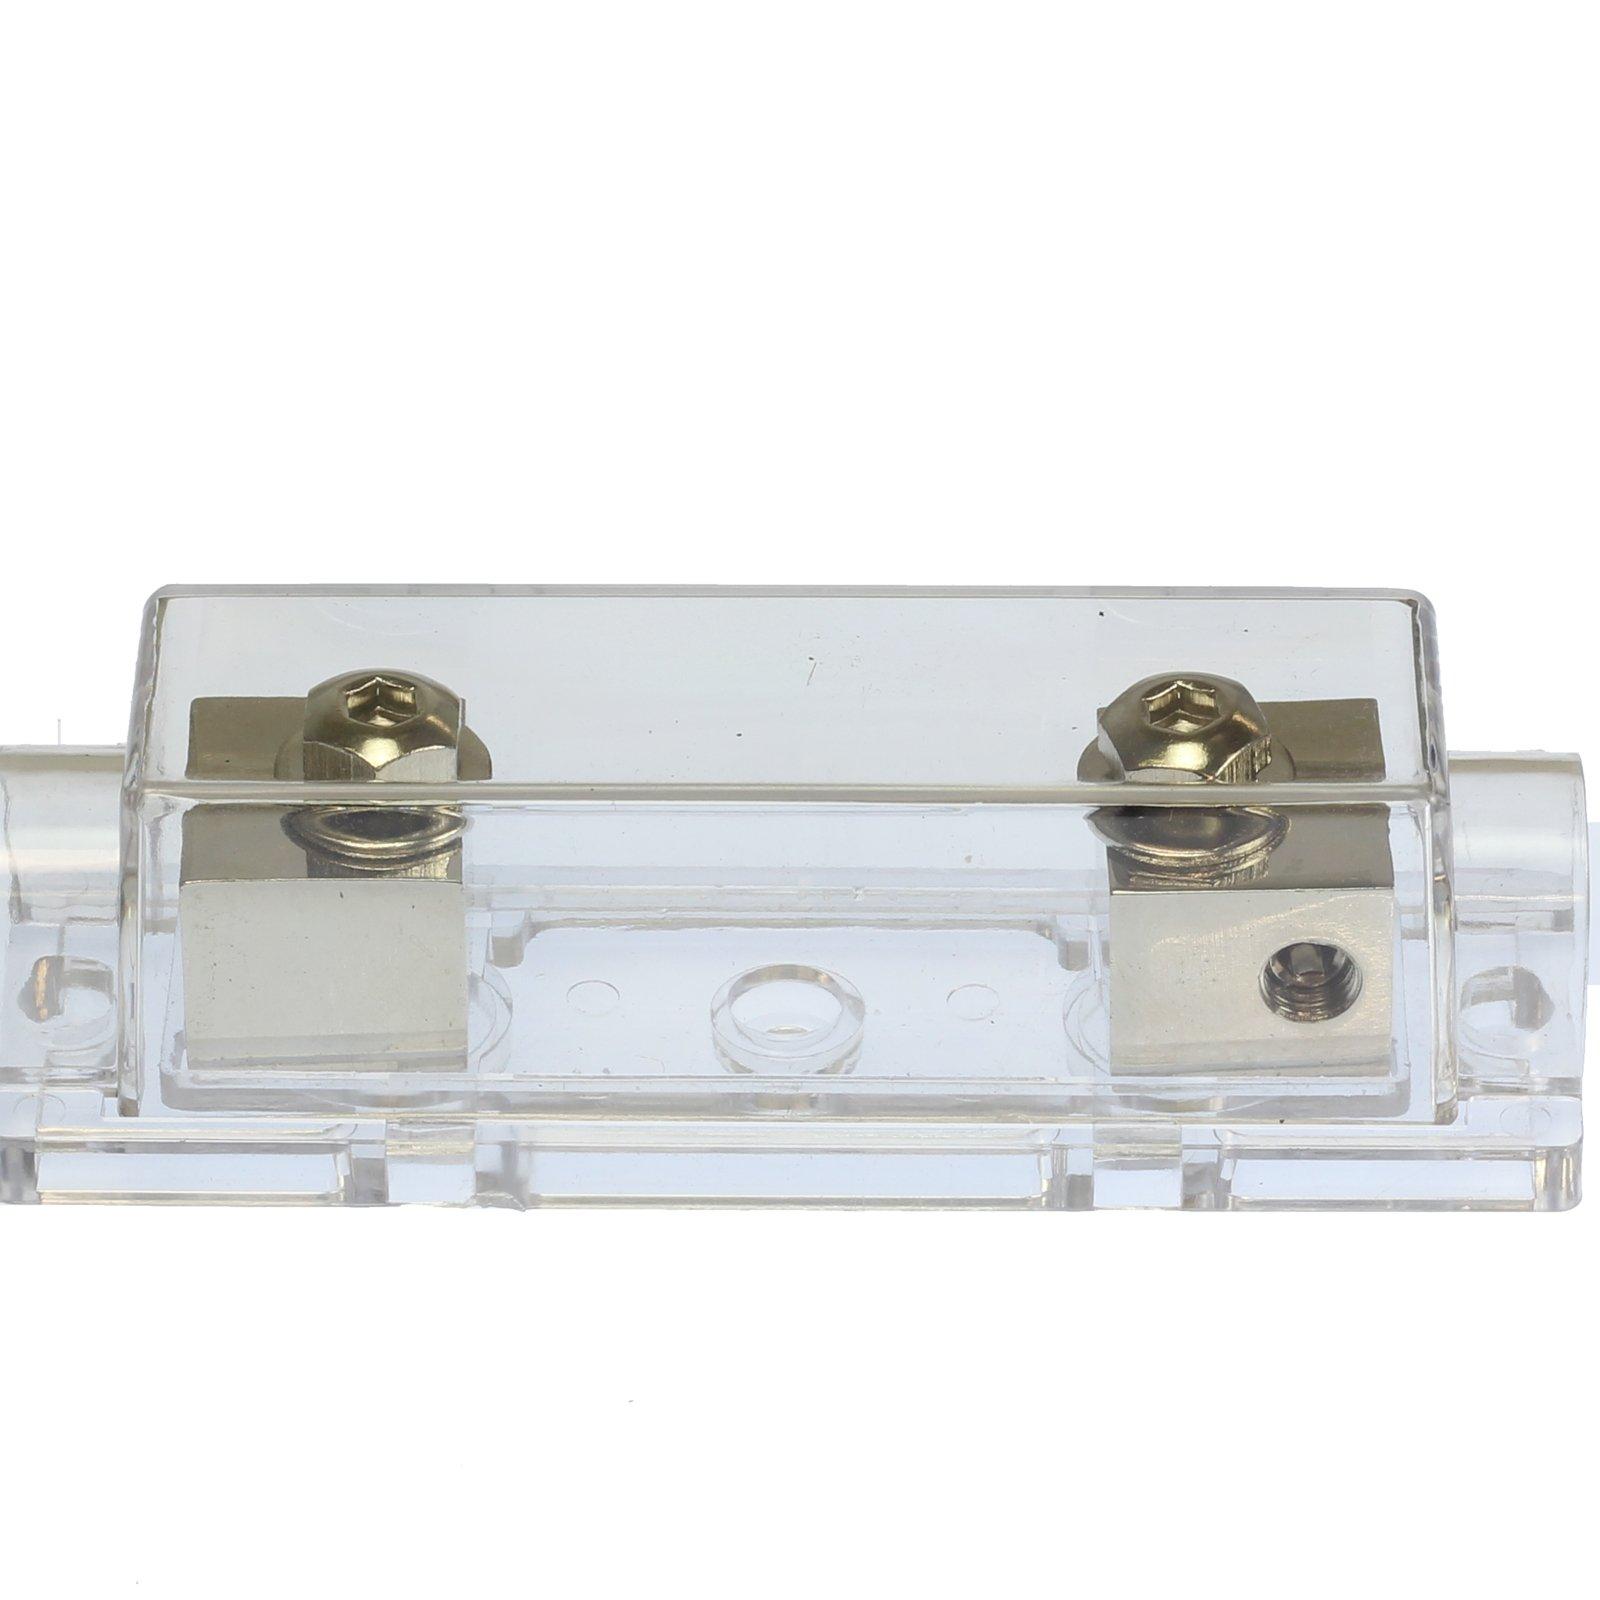 (1) 350 AMP ANL Fuse & (1) Inline Fuseholder Battery Install Kit 1/0 Gauge 1FT by 12voltnet (Image #6)